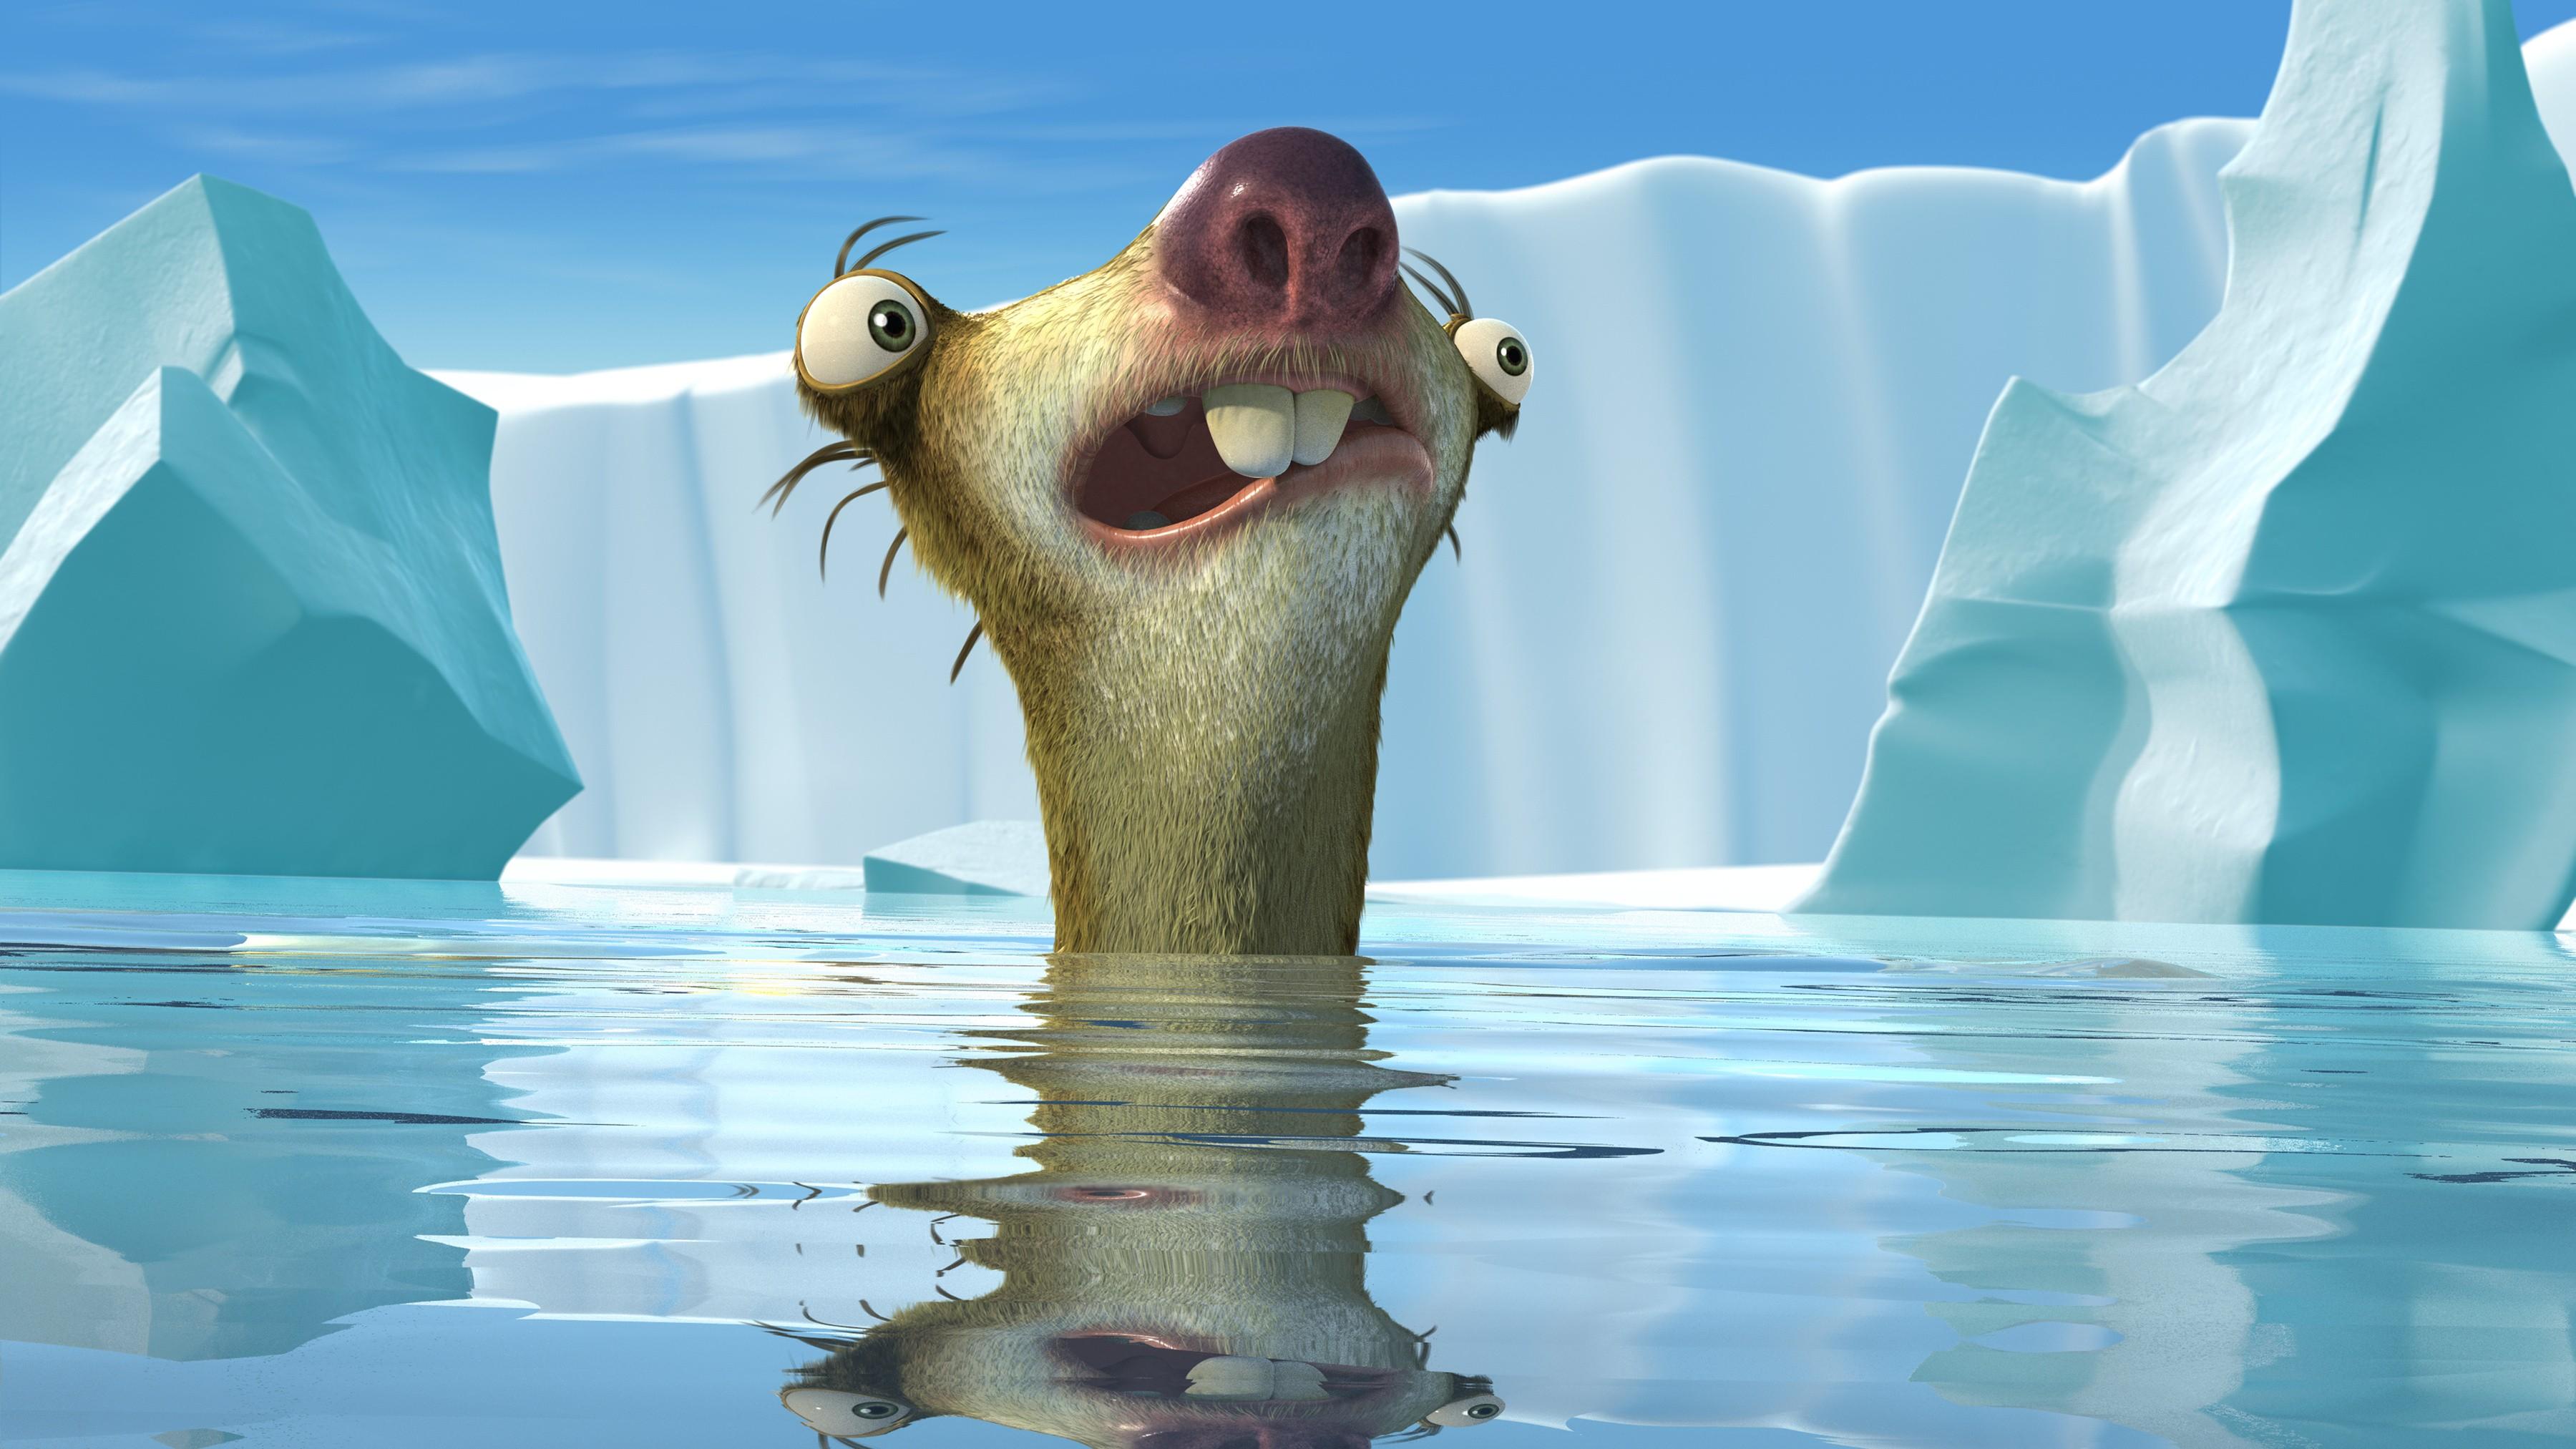 別凍!喝冰水會容易累積脂肪,真的嗎?